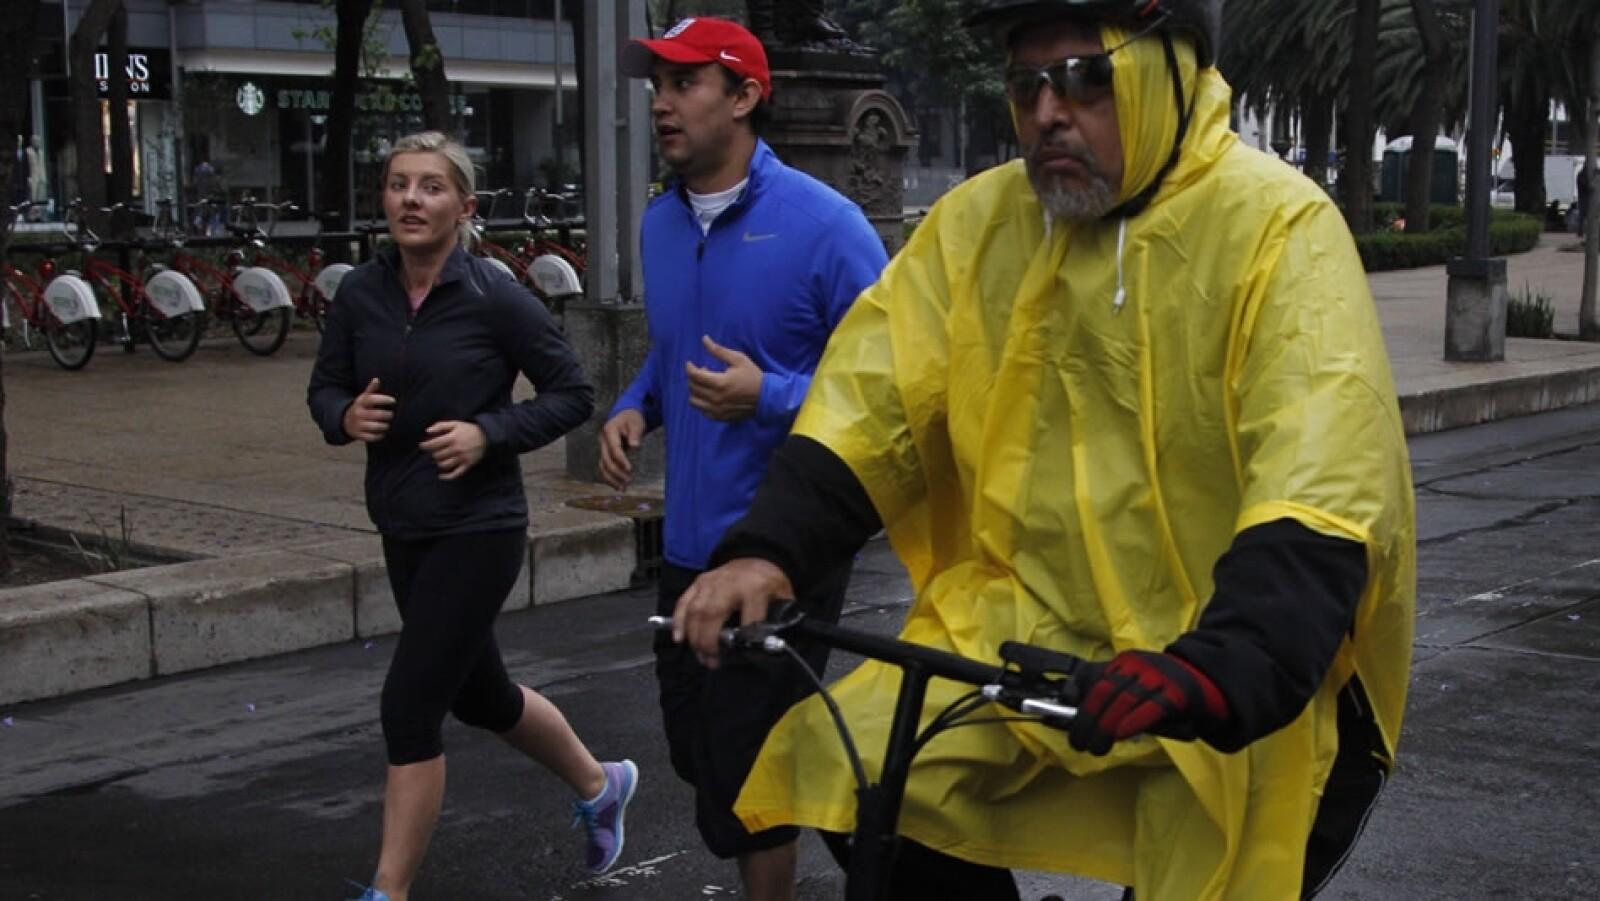 El clima adverso en la capital del país no impidió que algunos deportistas salieran a ejercitarse